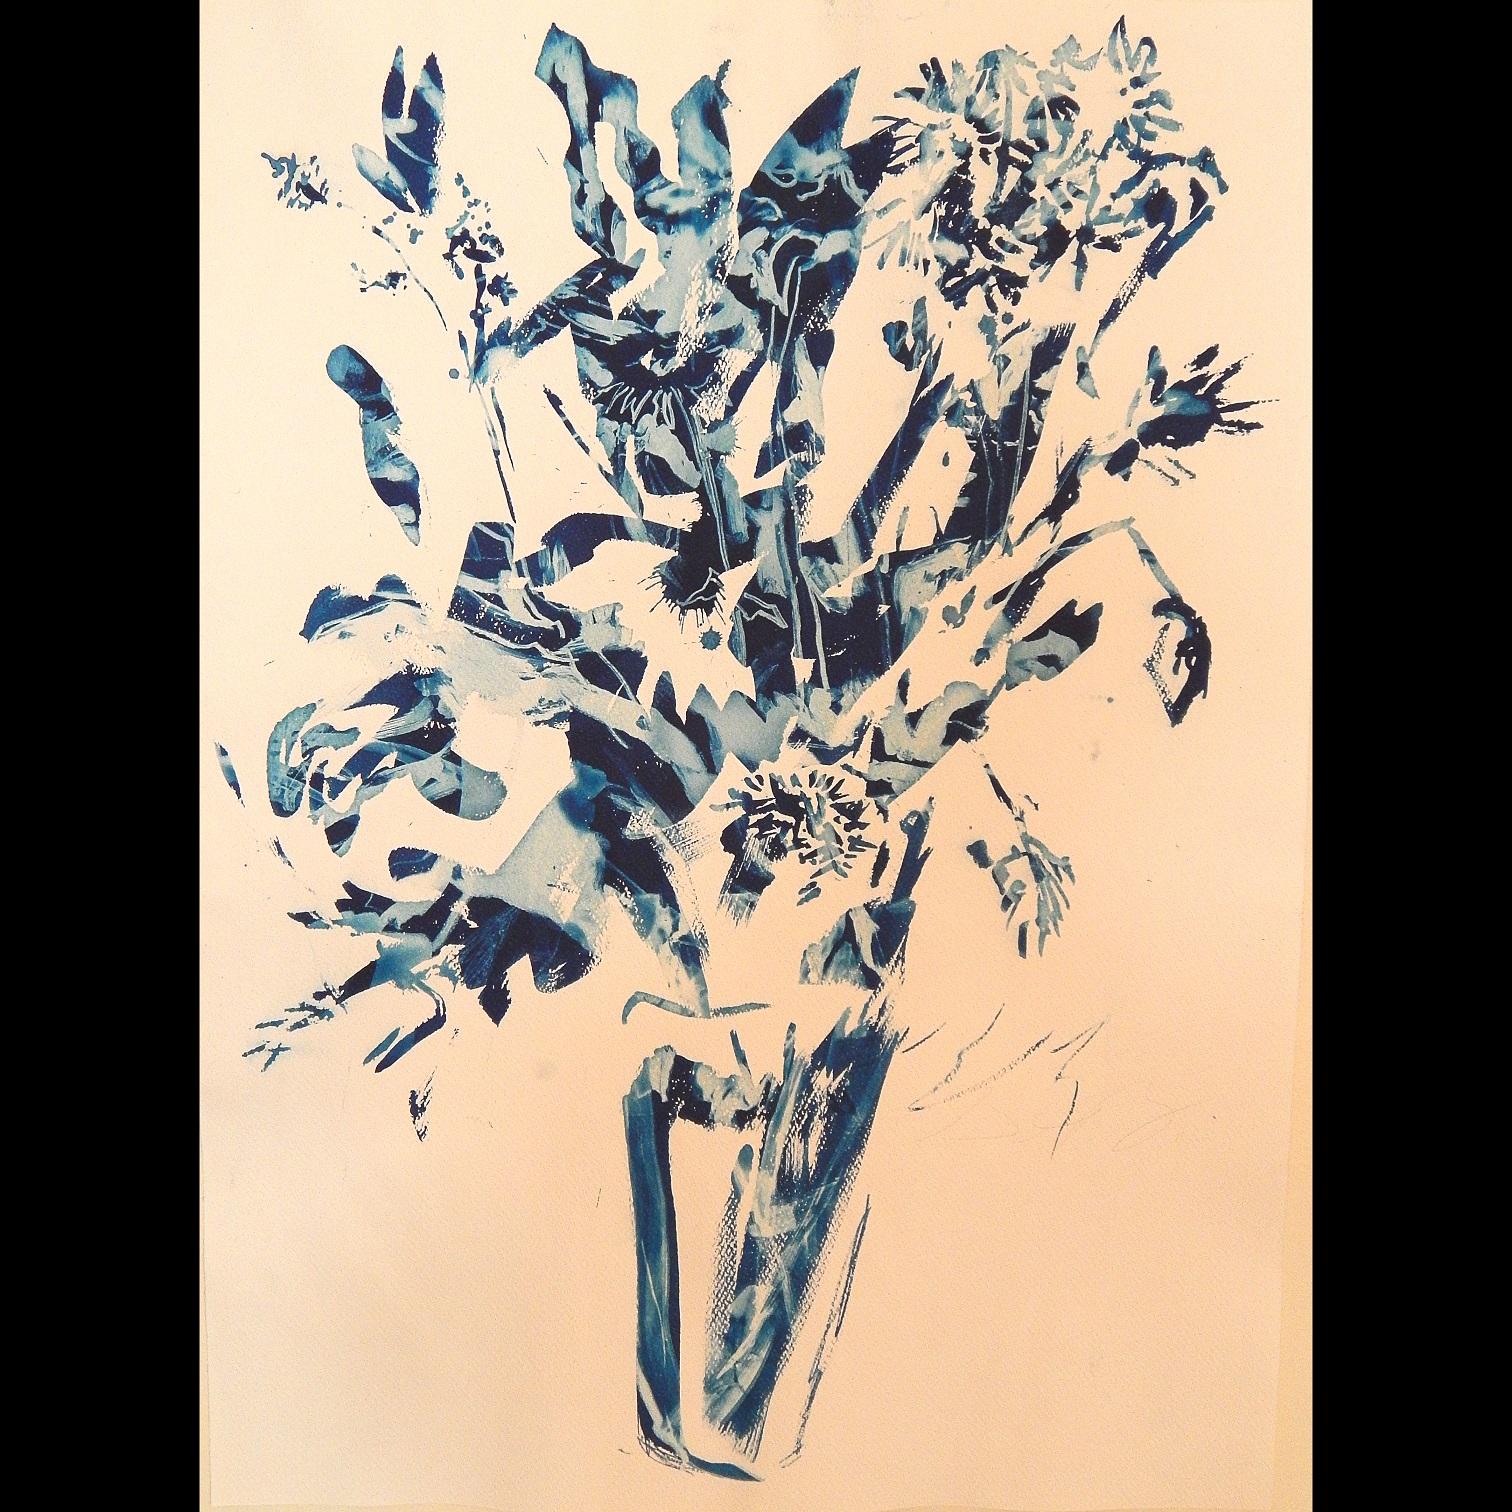 Still Life #1, 2012, cyanotype